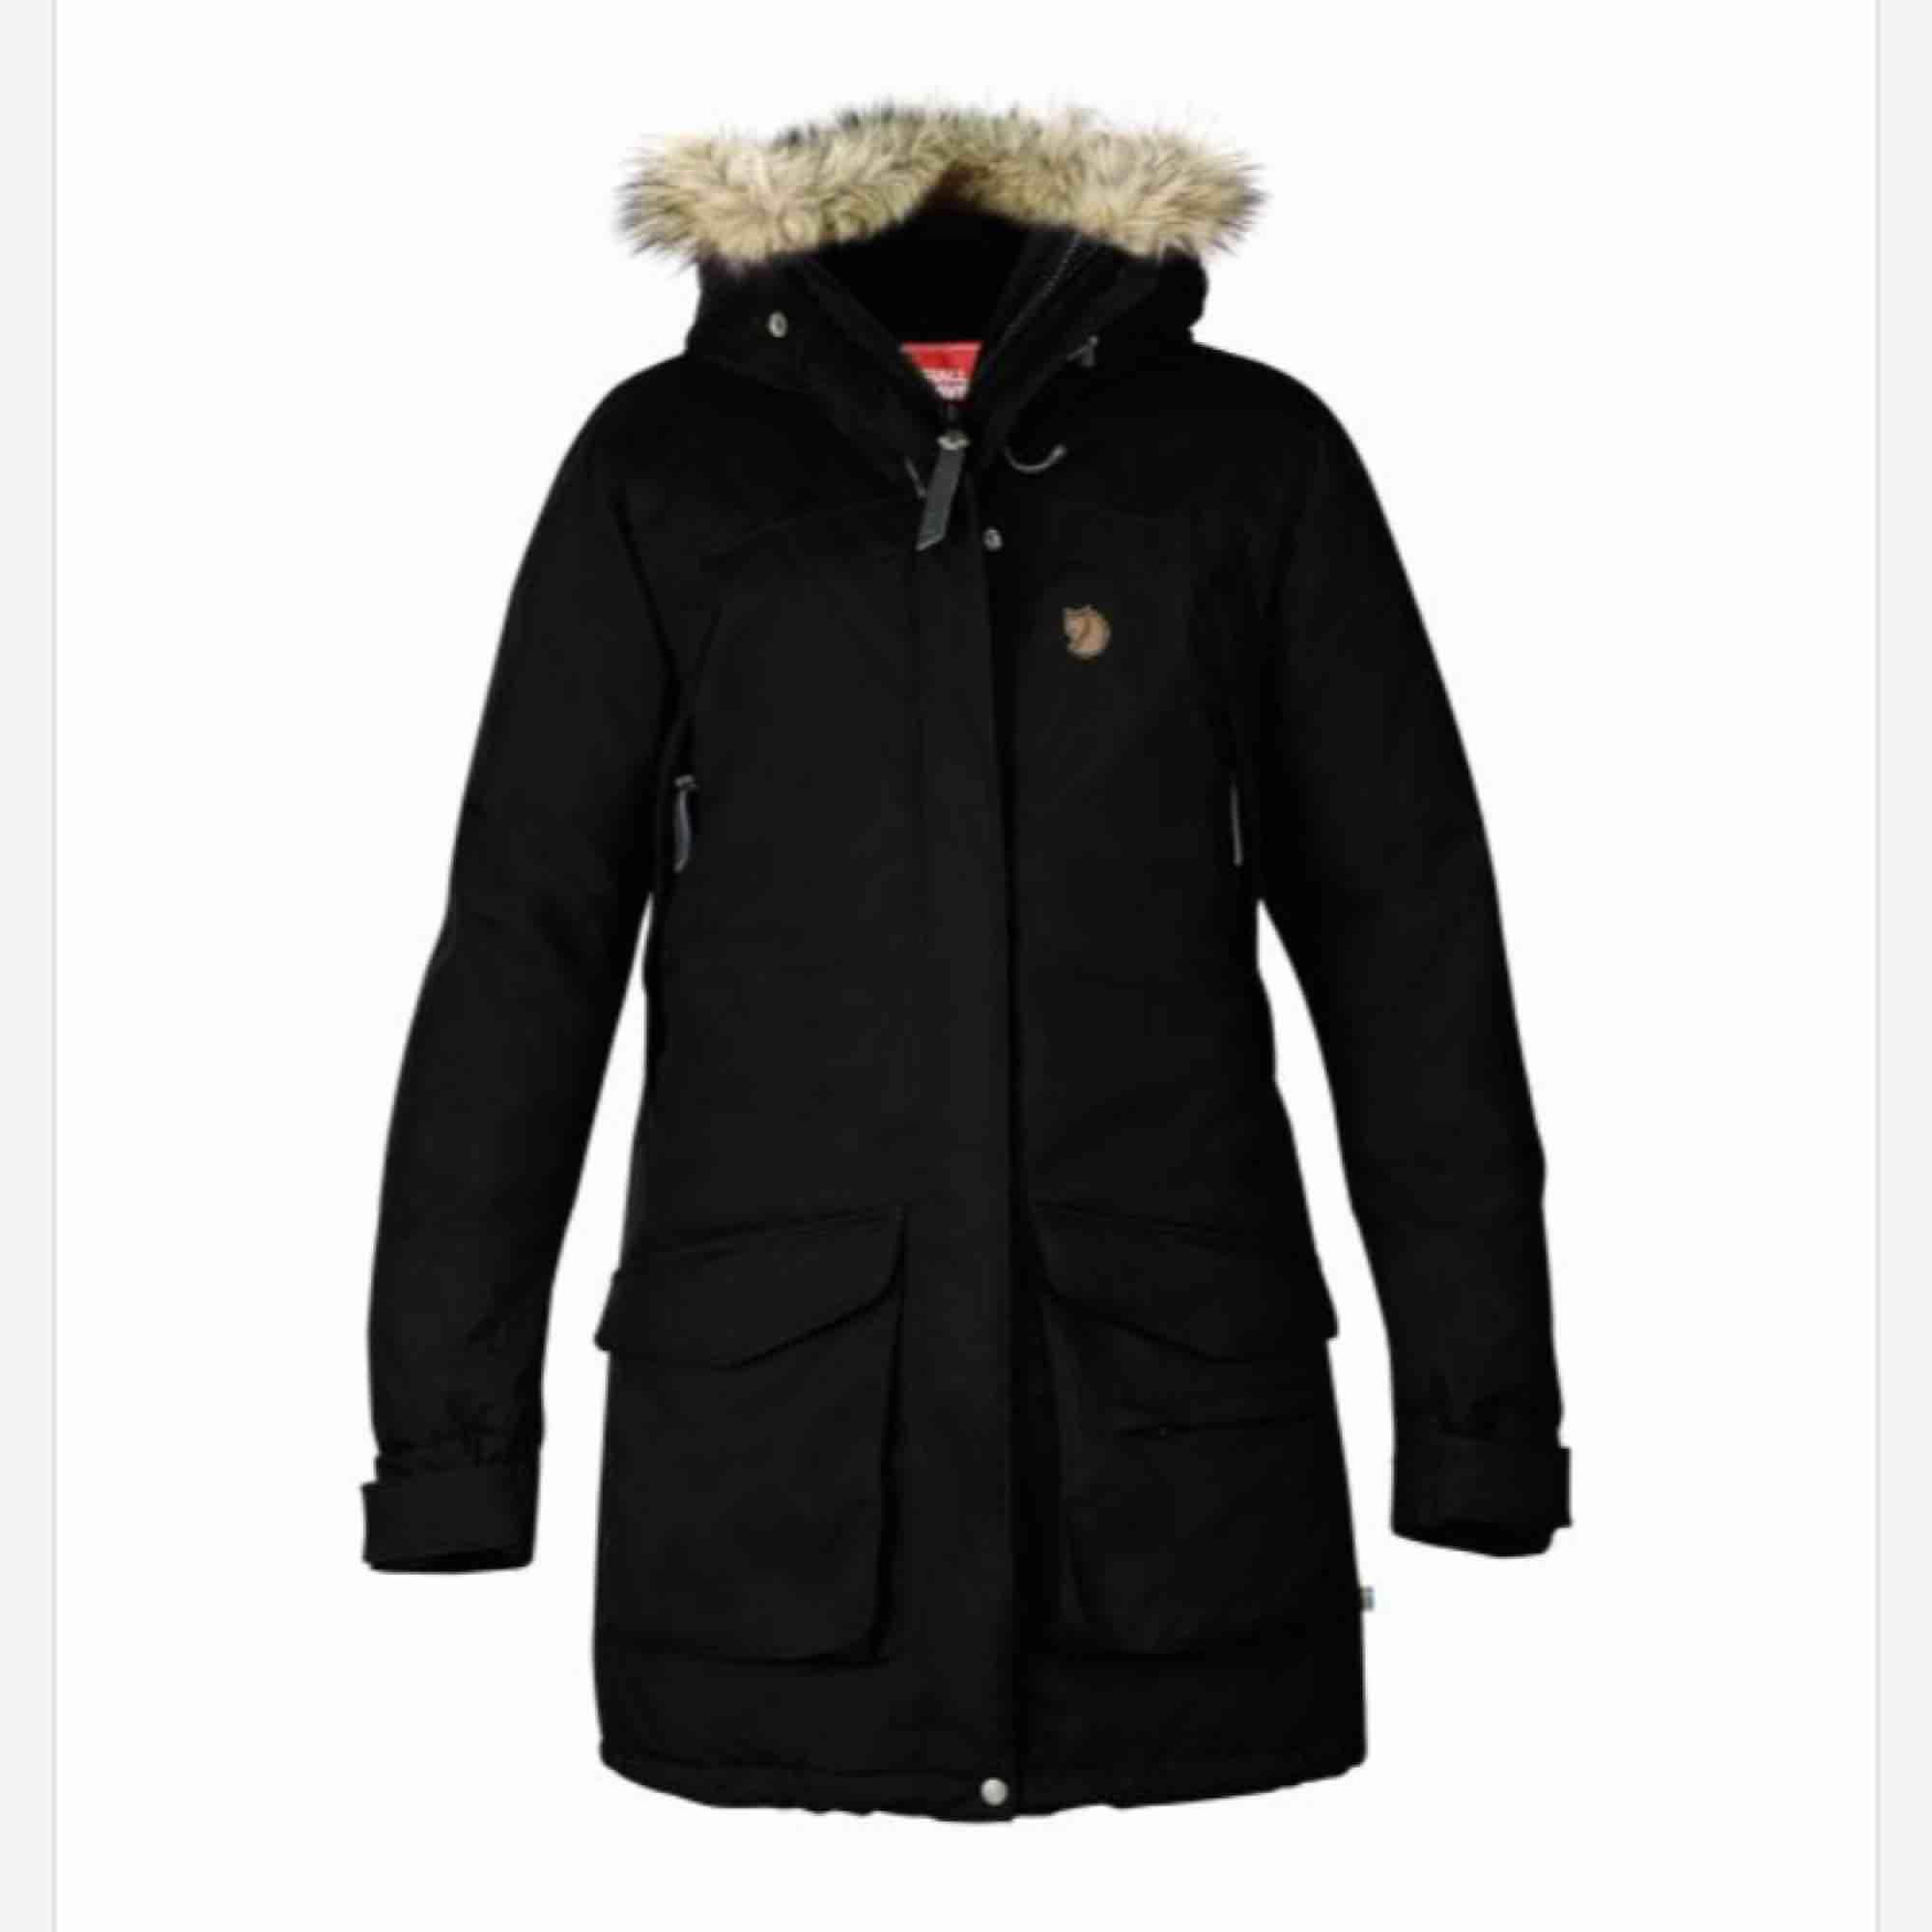 Fjällräven parka Nuuk i svart. Nypris 5000. Håller en riktigt varm under vintern. Snygg att ha till stan och praktisk för långa promenader ute i kylan. . Jackor.